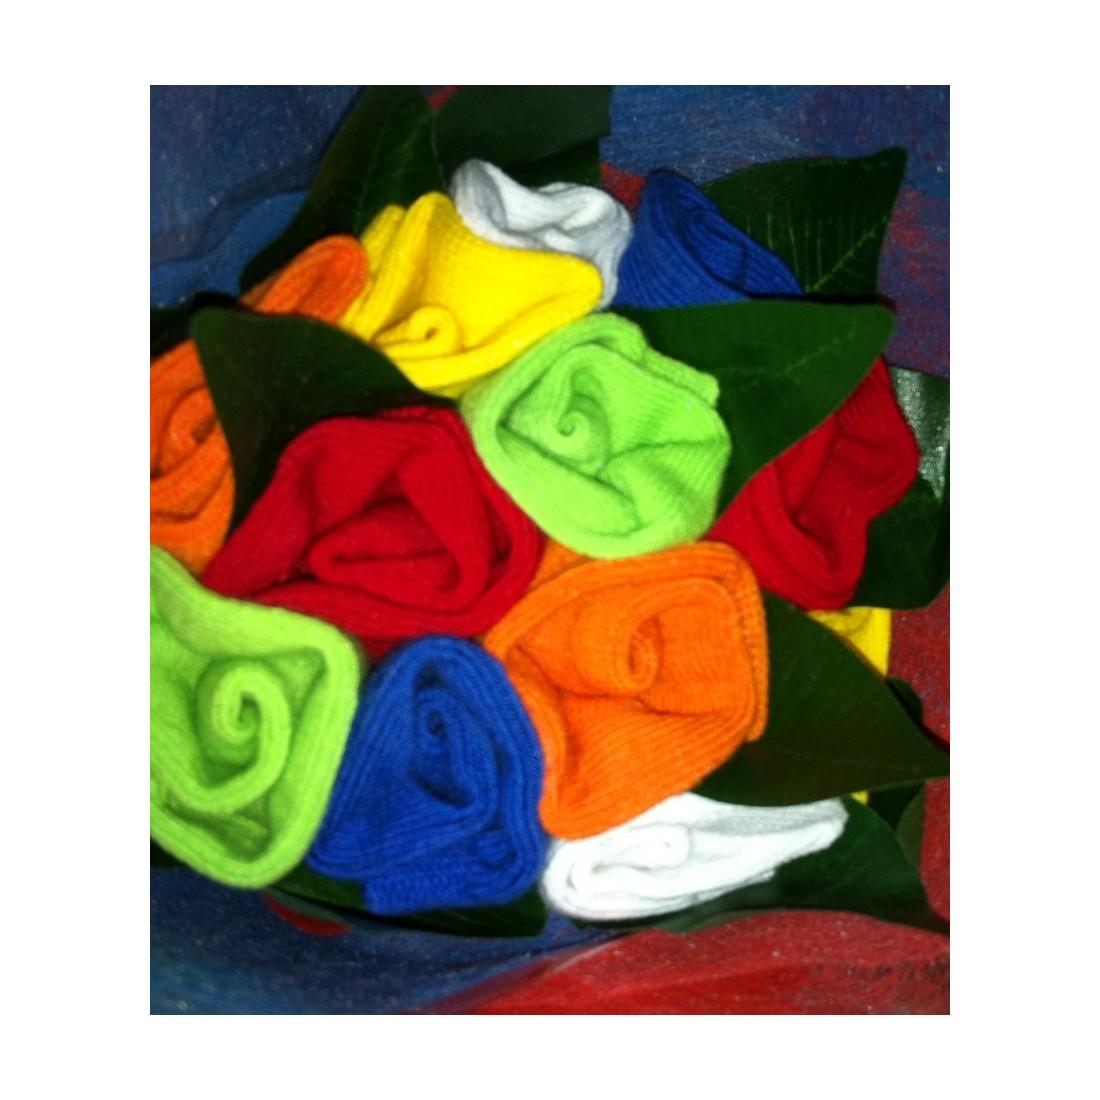 Cadeau de naissance original - bouquet de chaussettes